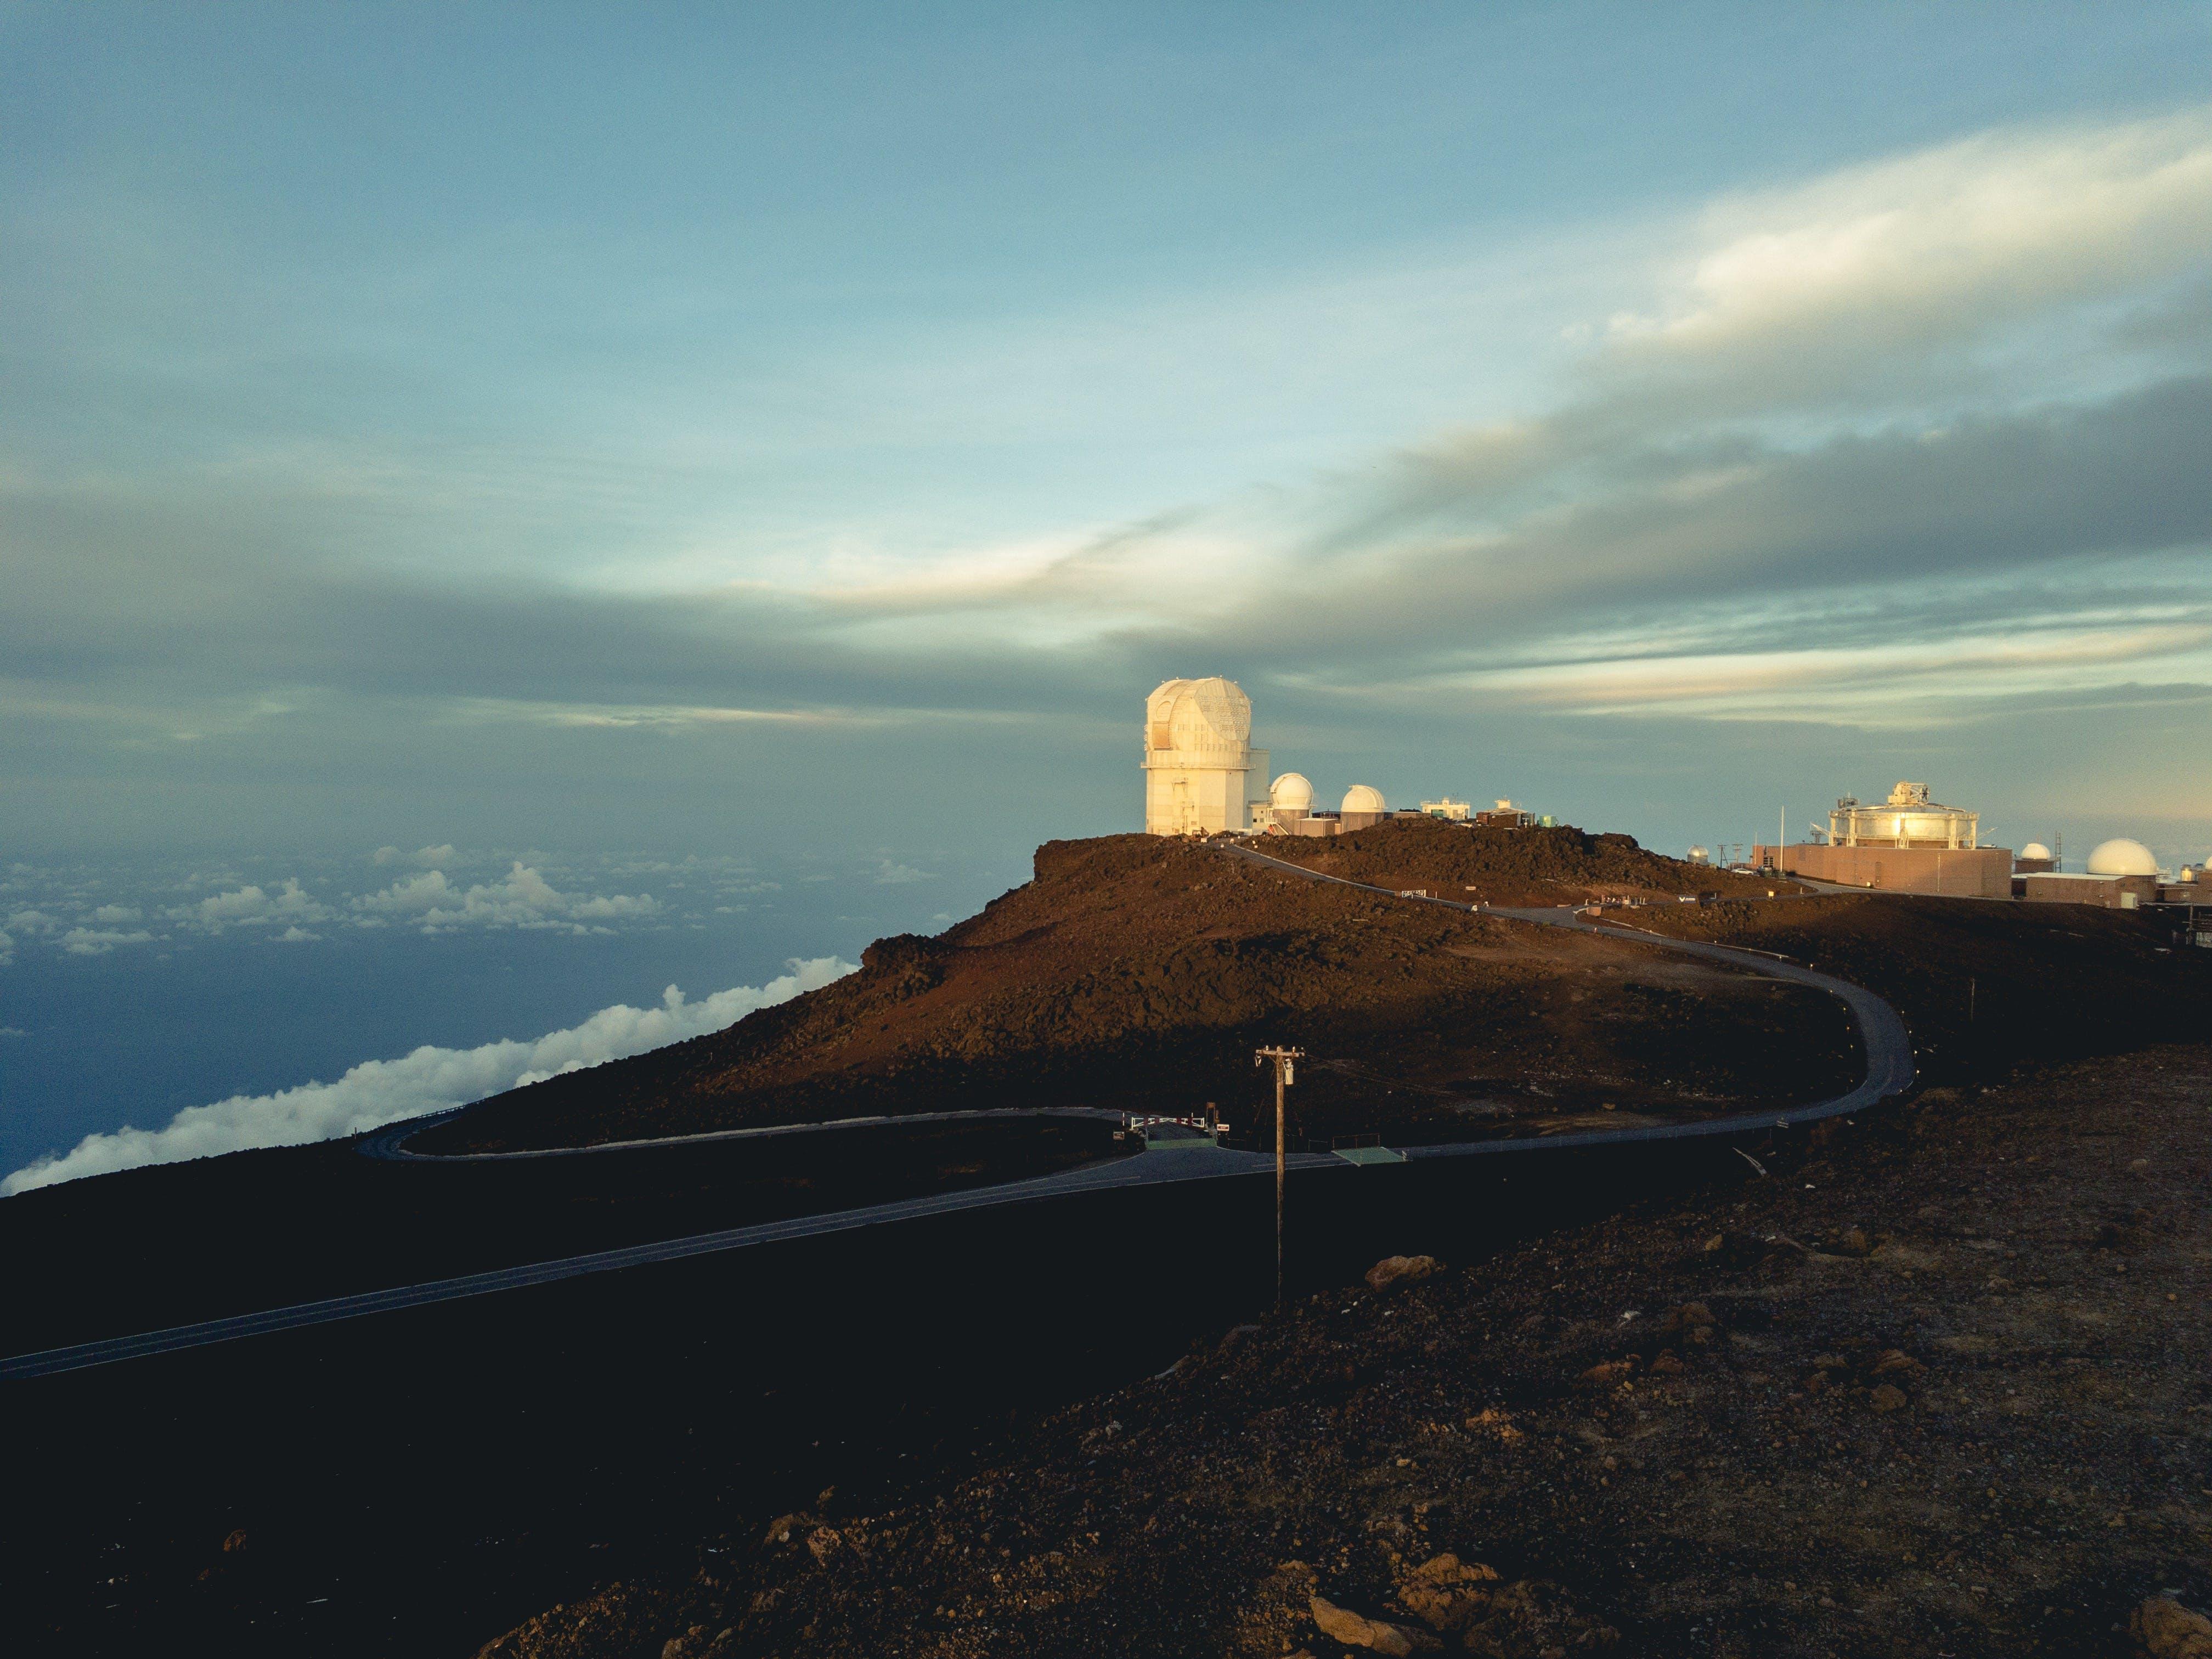 日出, 高海拔 的 免费素材照片